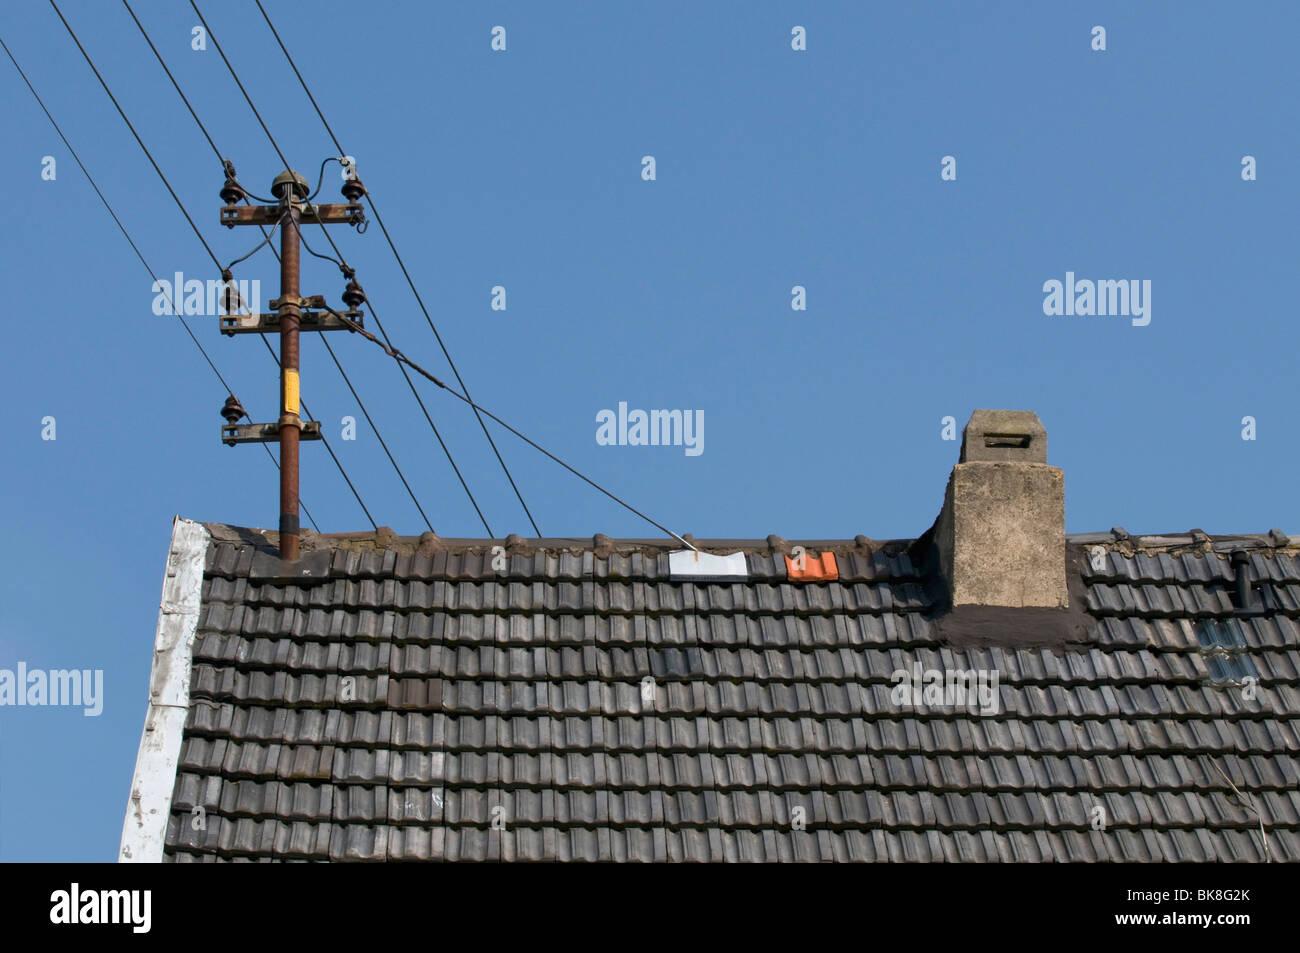 Ancien pouvoir lignes avec isolateurs en céramique sur le toit Photo Stock